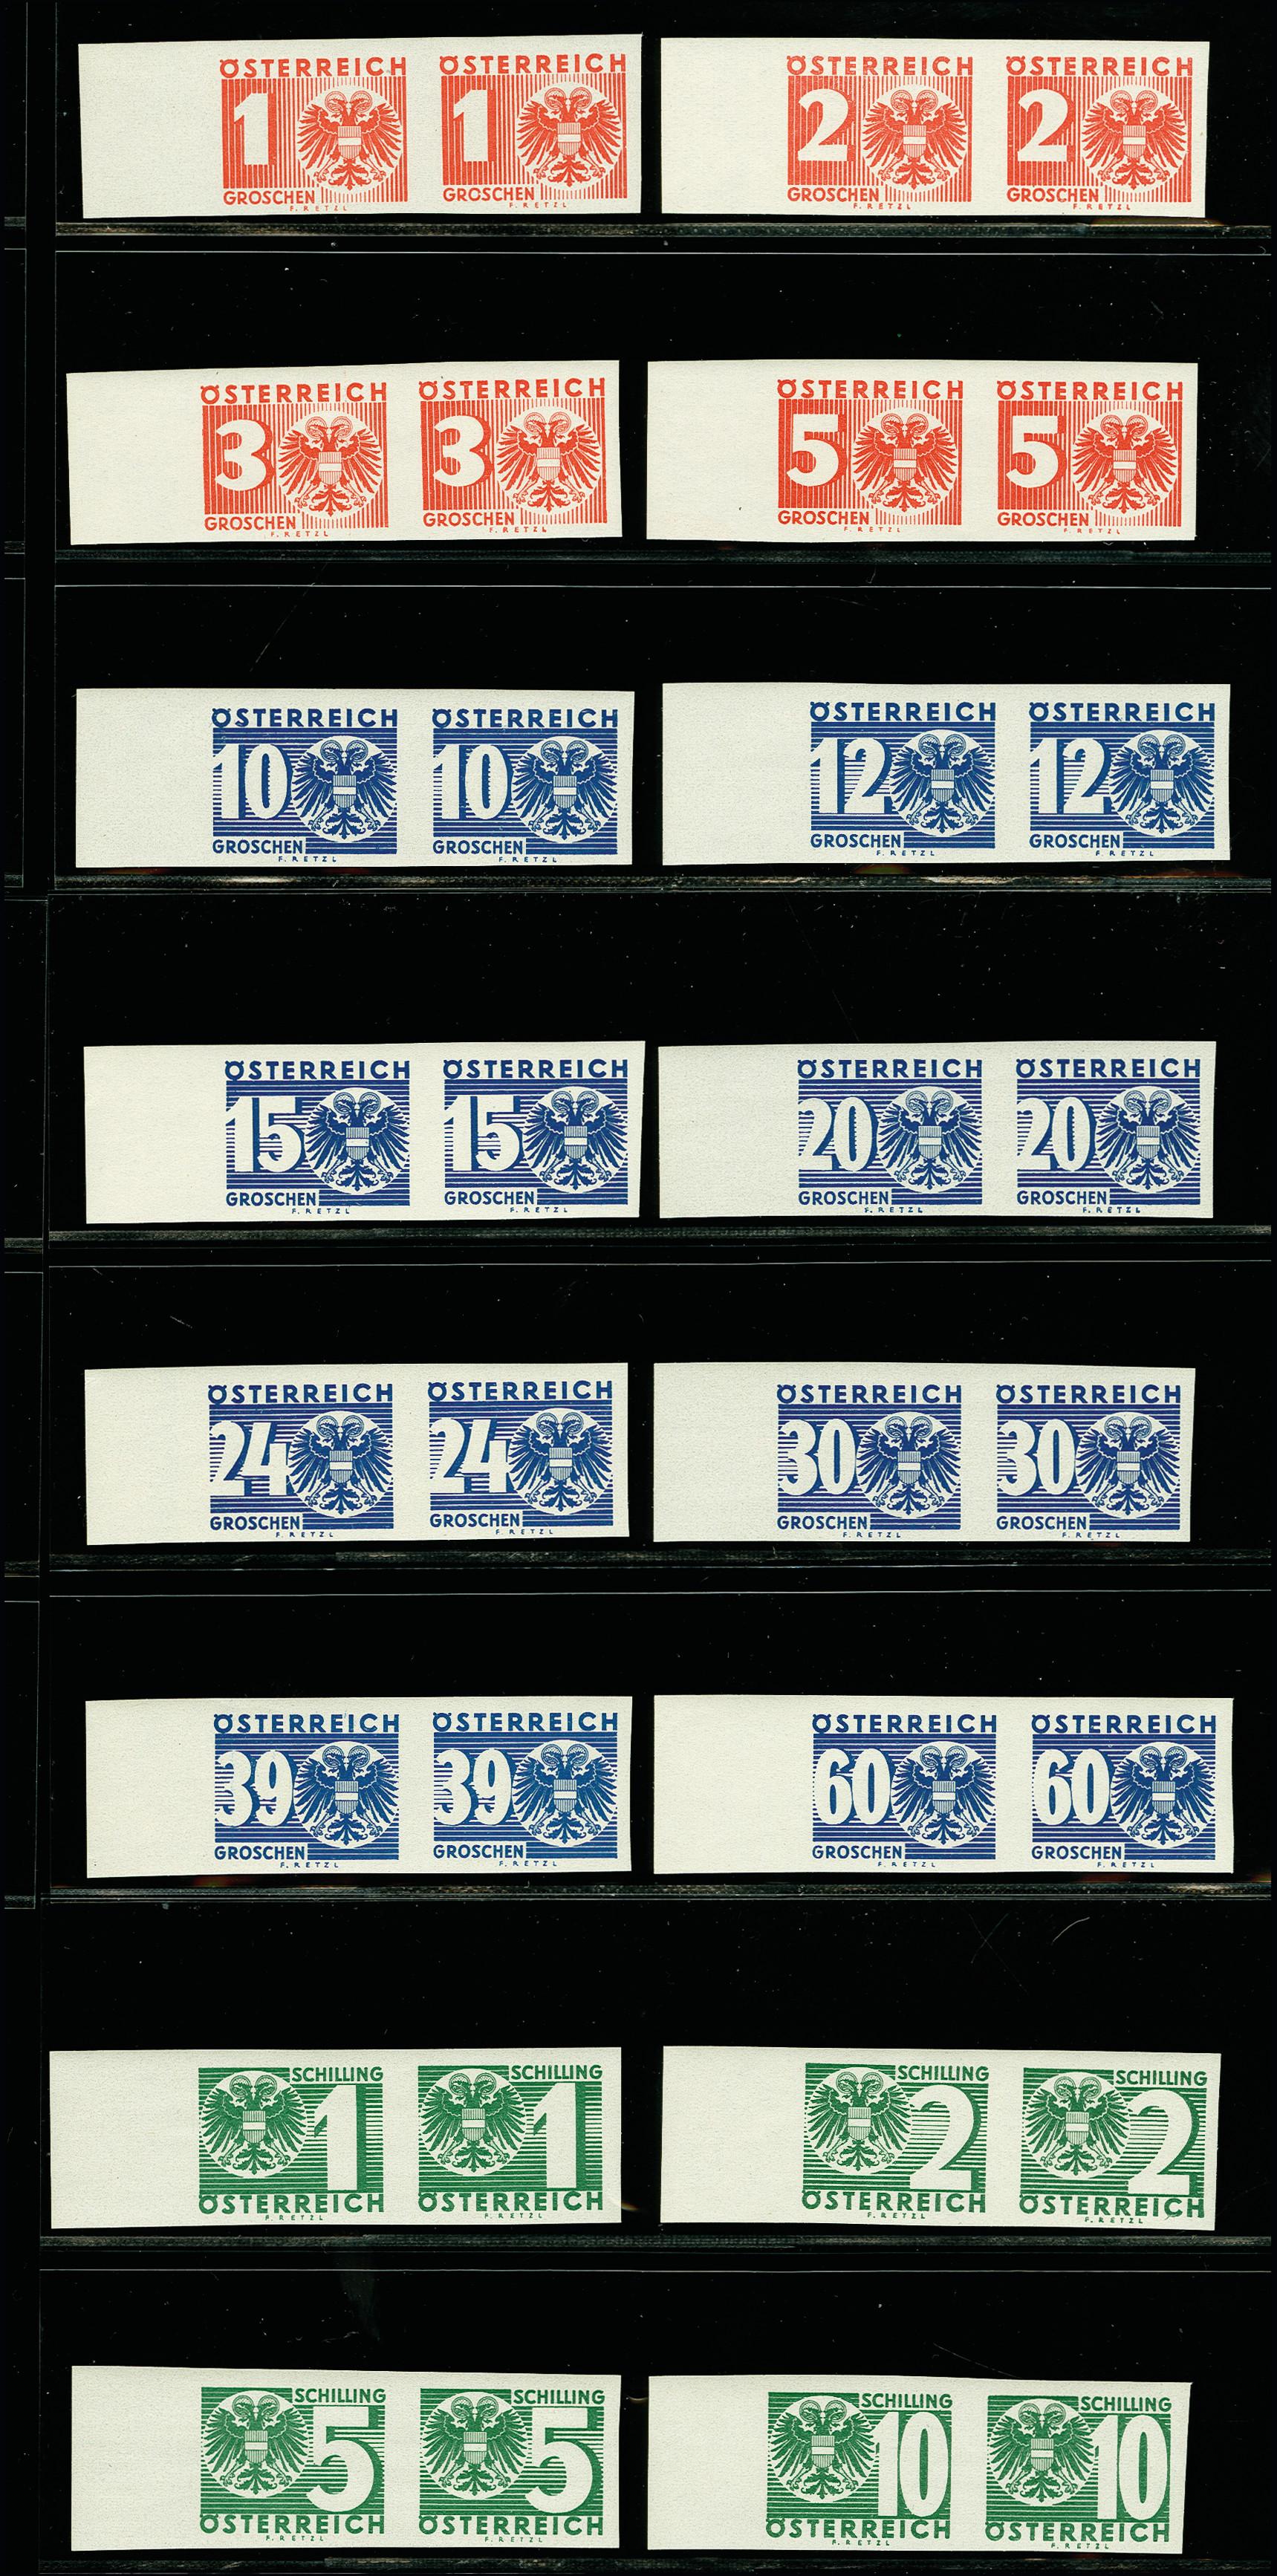 Lot 1092 - österreich Austria postage due -  Heinrich Koehler Auktionen 375rd Heinrich Köhler auction - Day 1